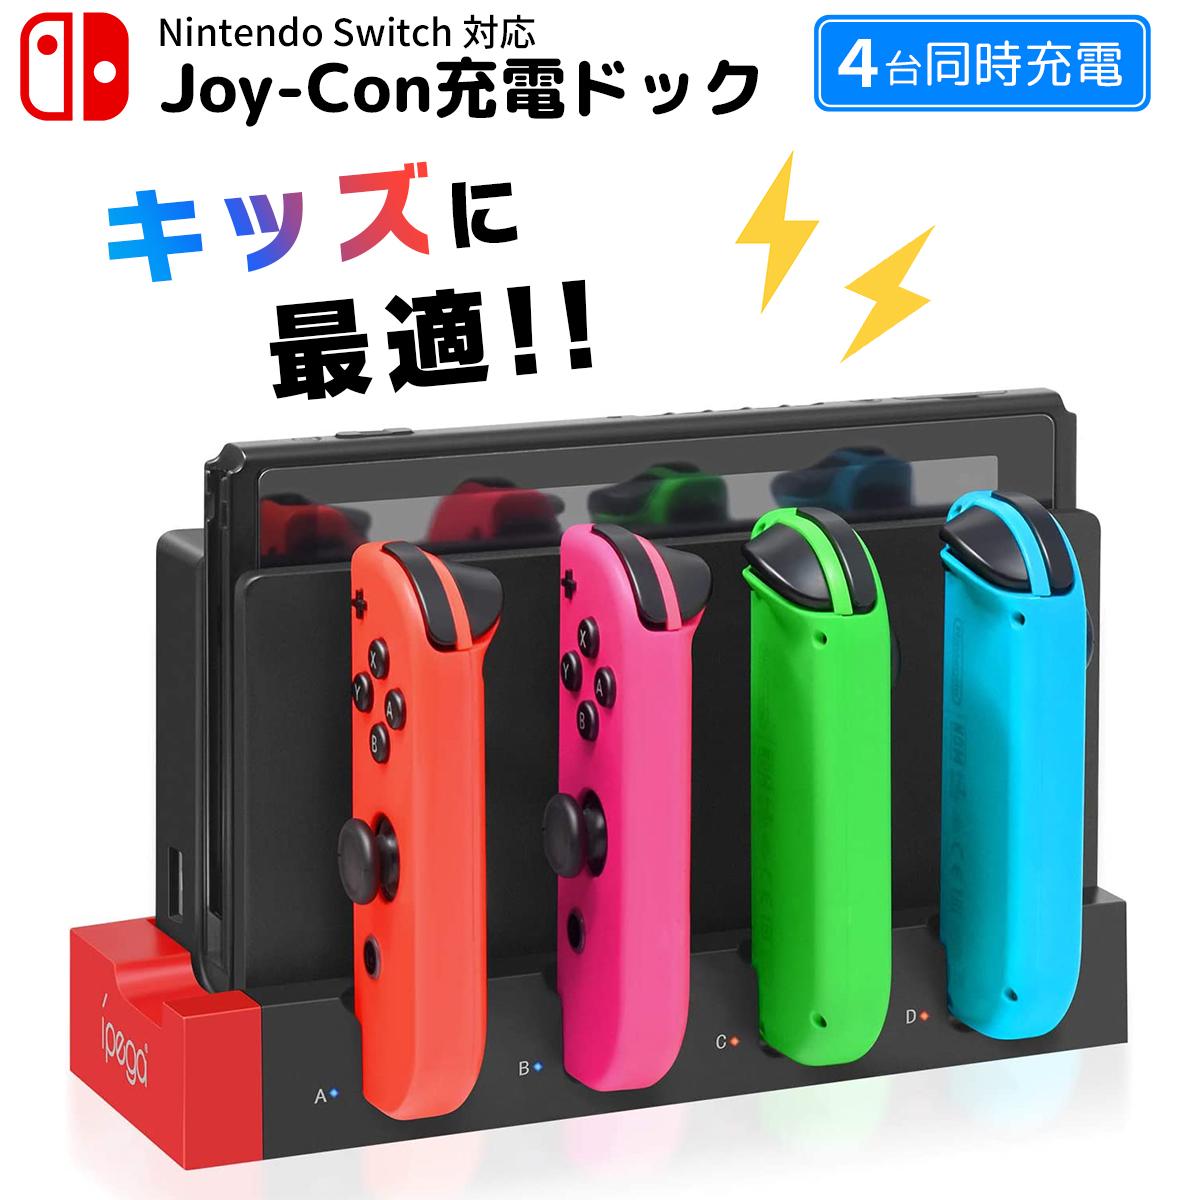 スイッチの純正ジョイコンをまとめて収納 同時充電 即日発送 Nintendo Switch スイッチ 充電スタンド 4台同時充電 ジョイコン 充電ドック 純正 Joy-Con スイッチ充電 充電 収納 コントローラー ポイント消化 現品 送料無料 スイッチドックに差し込むだけ 対応 商品追加値下げ在庫復活 有機ELモデル チャージャー 充電器 任天堂